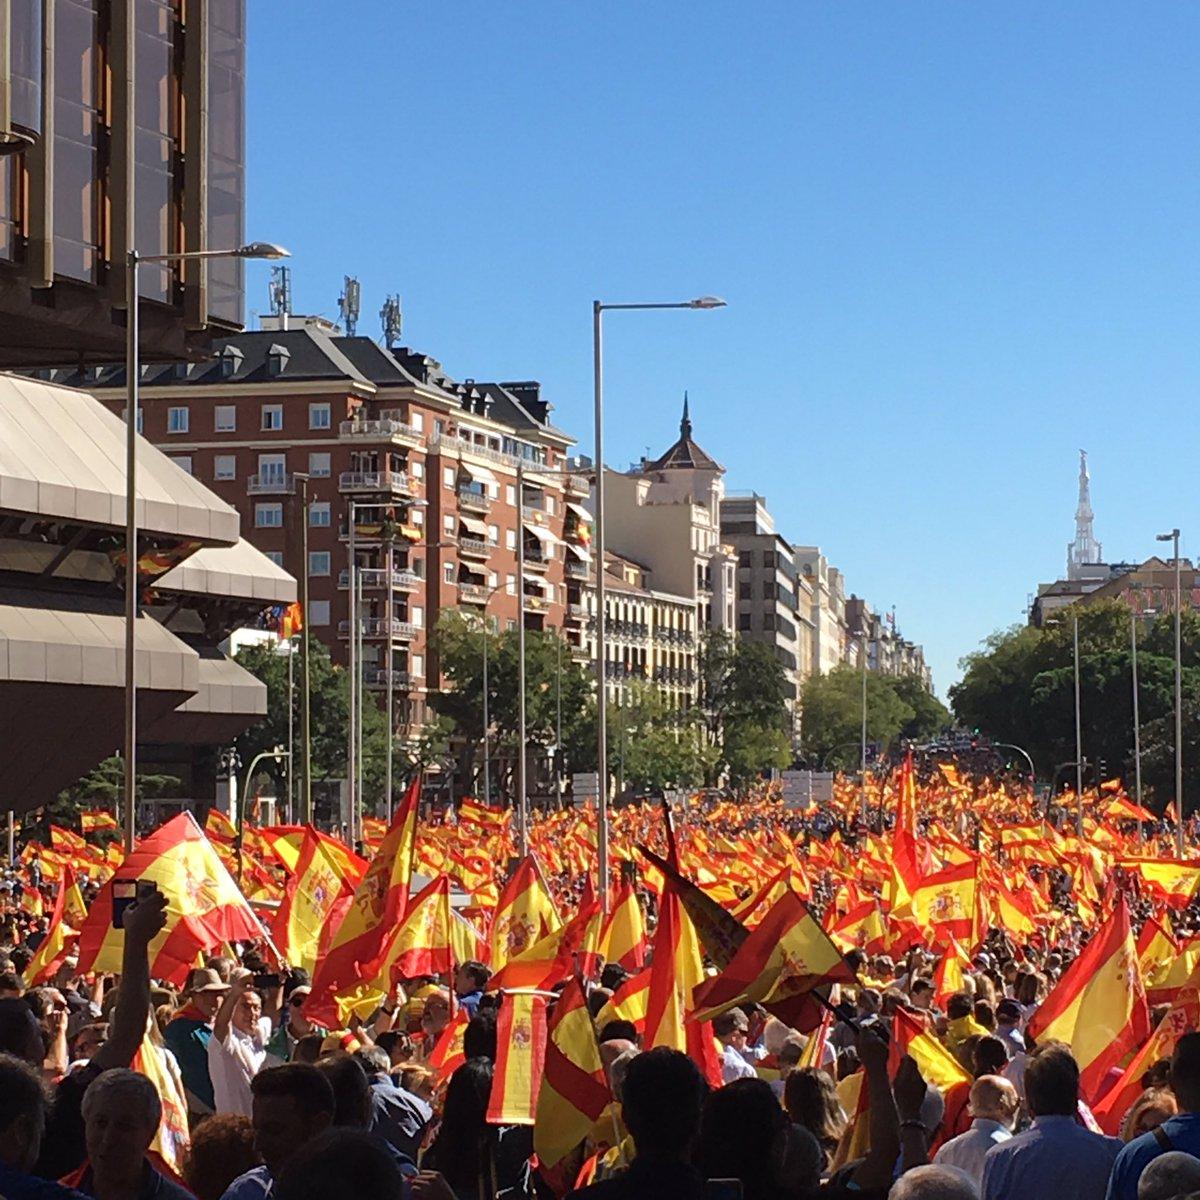 Madrid ahora. Han despertado a un tigre...